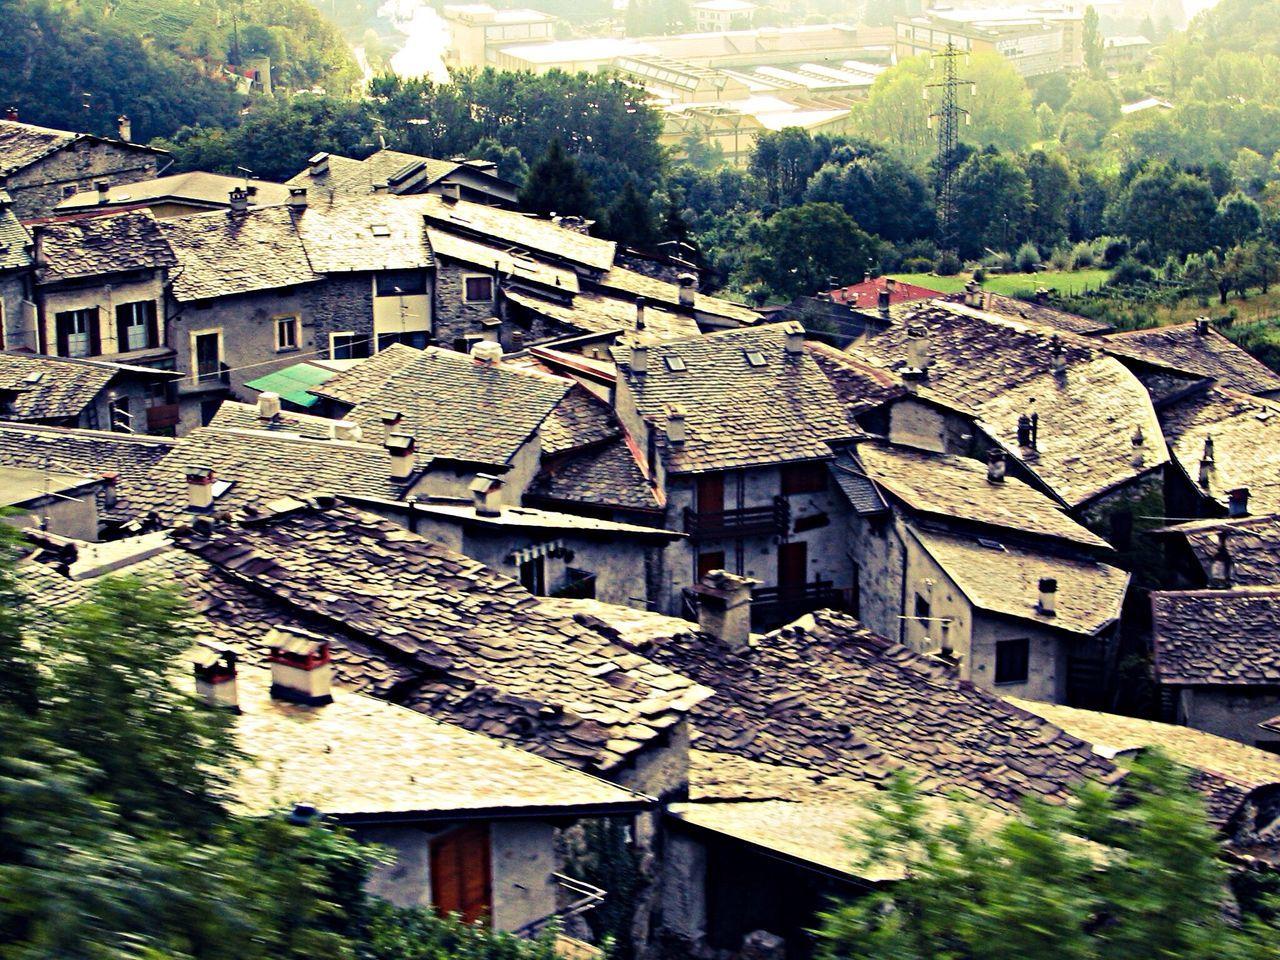 Italy Building EyeEm Gallery Ontheroad EyeEm Nature Lover Lovethewayyousmile Eye4photography  Ontheway